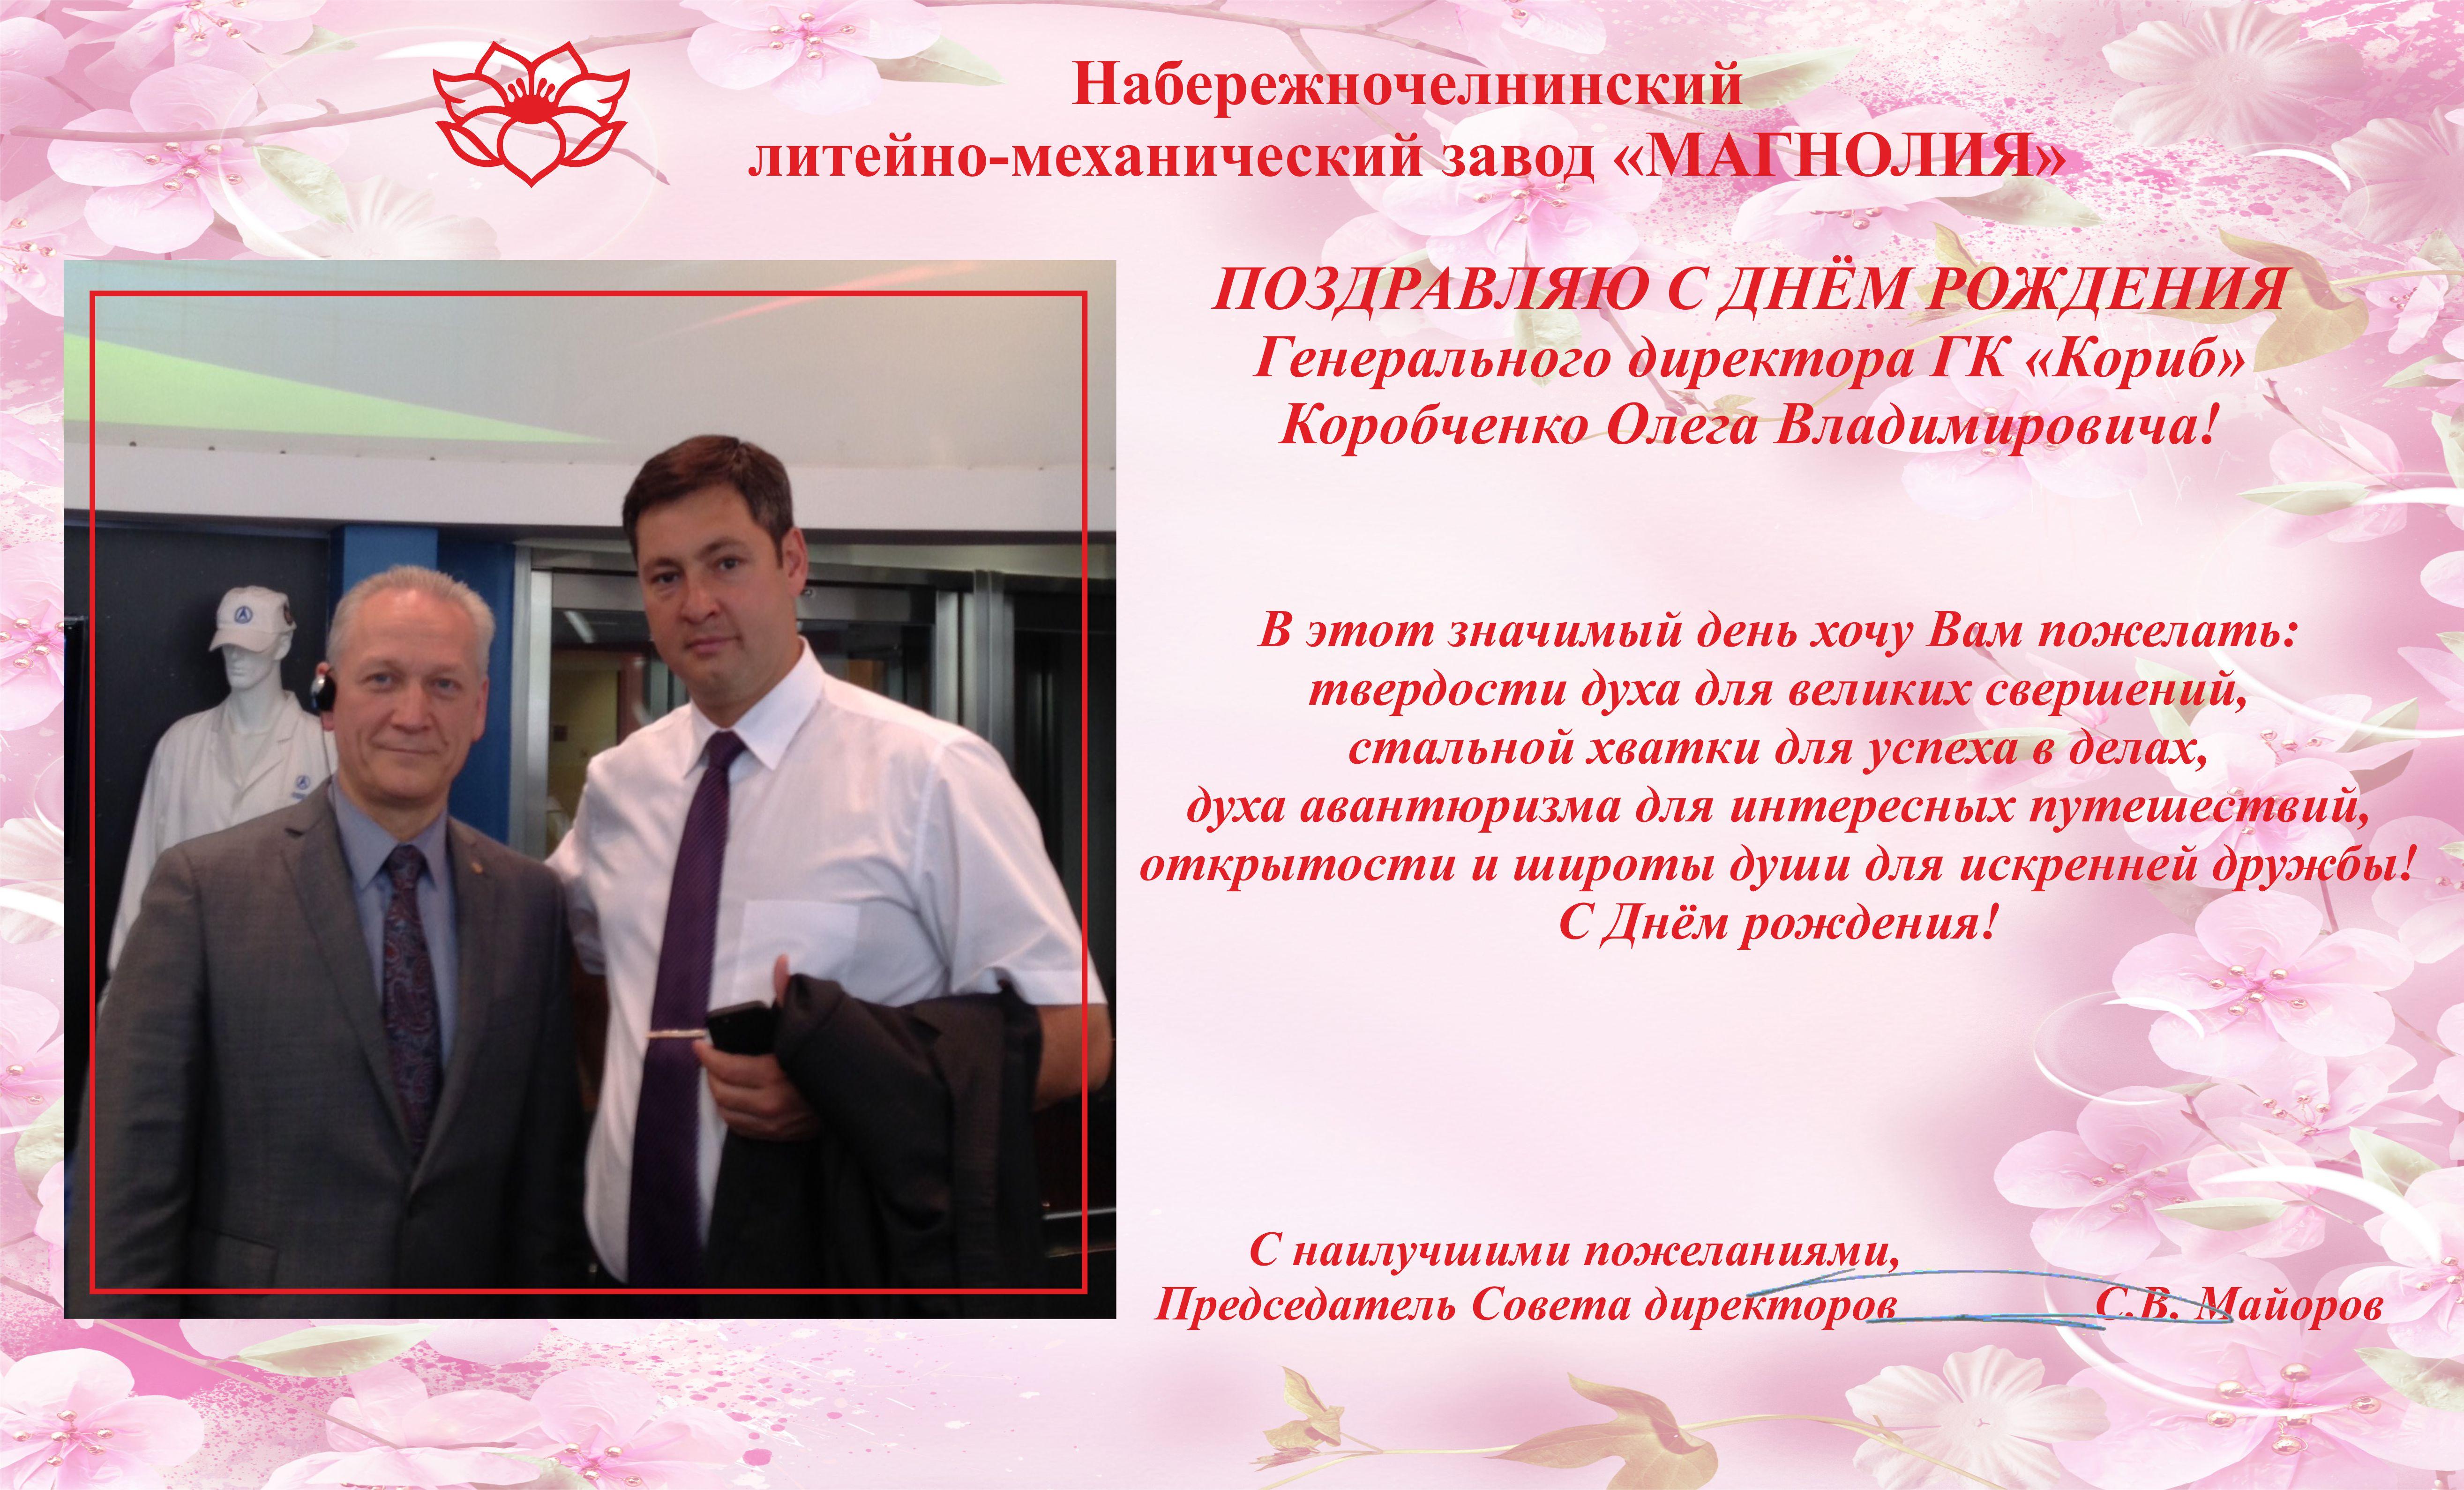 Поздравление с днем рождения генерального директора сценарий